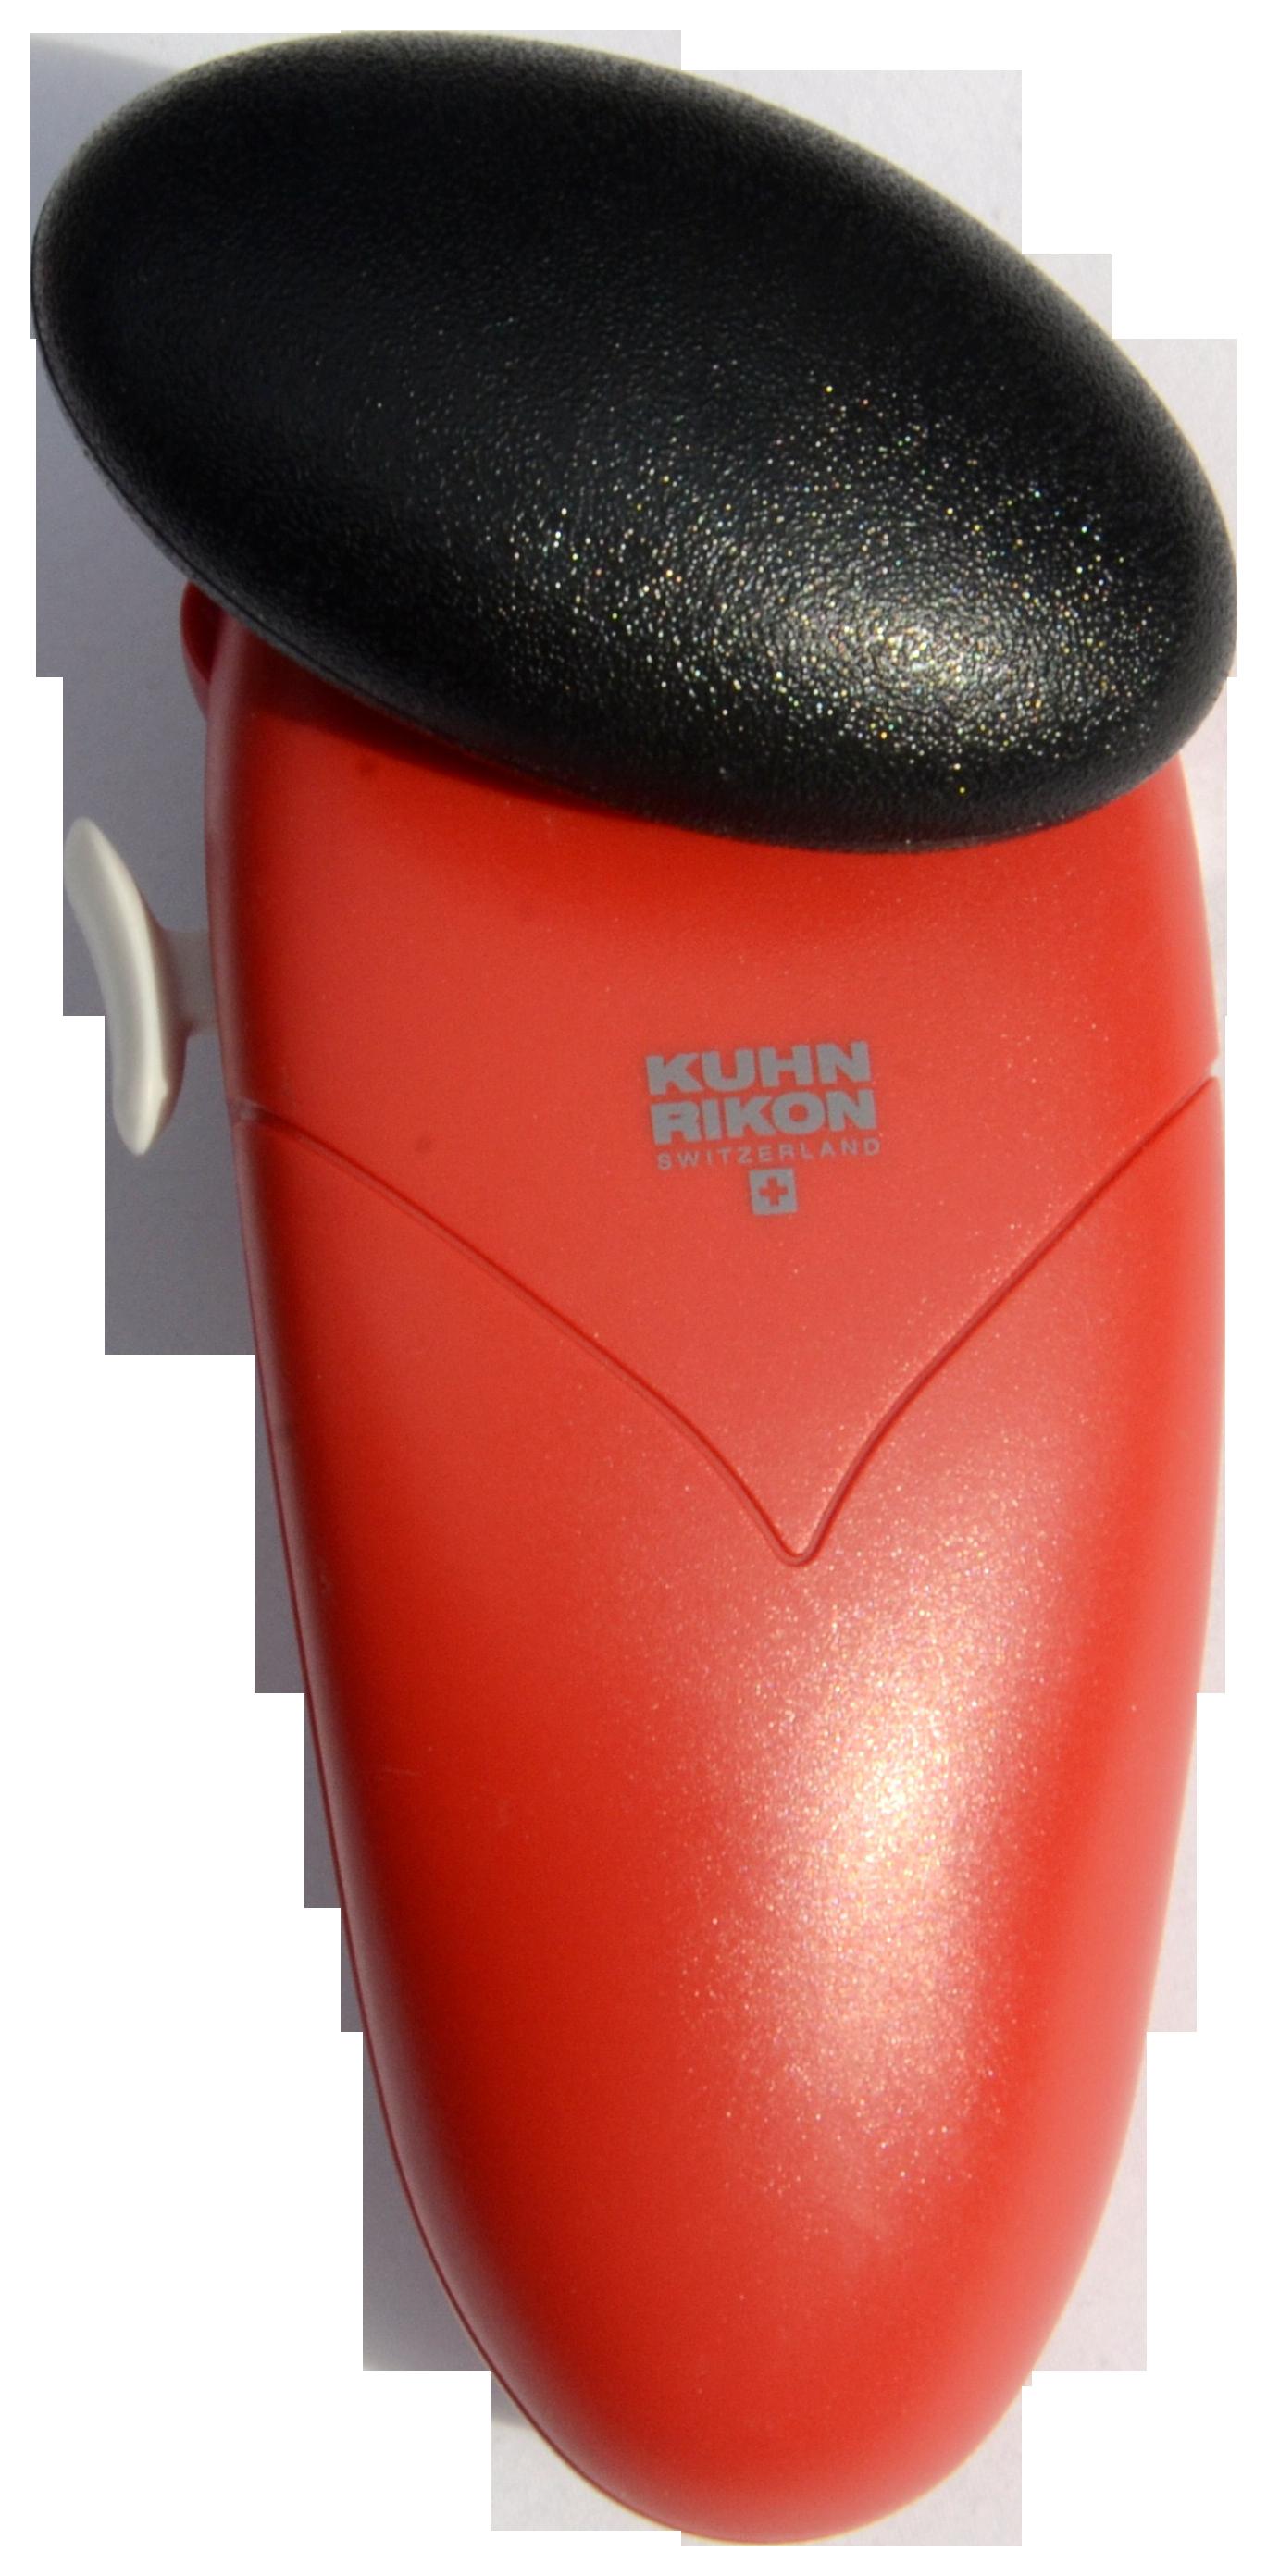 Kuhn Rikon Auto Ergo Safety Lidlifter